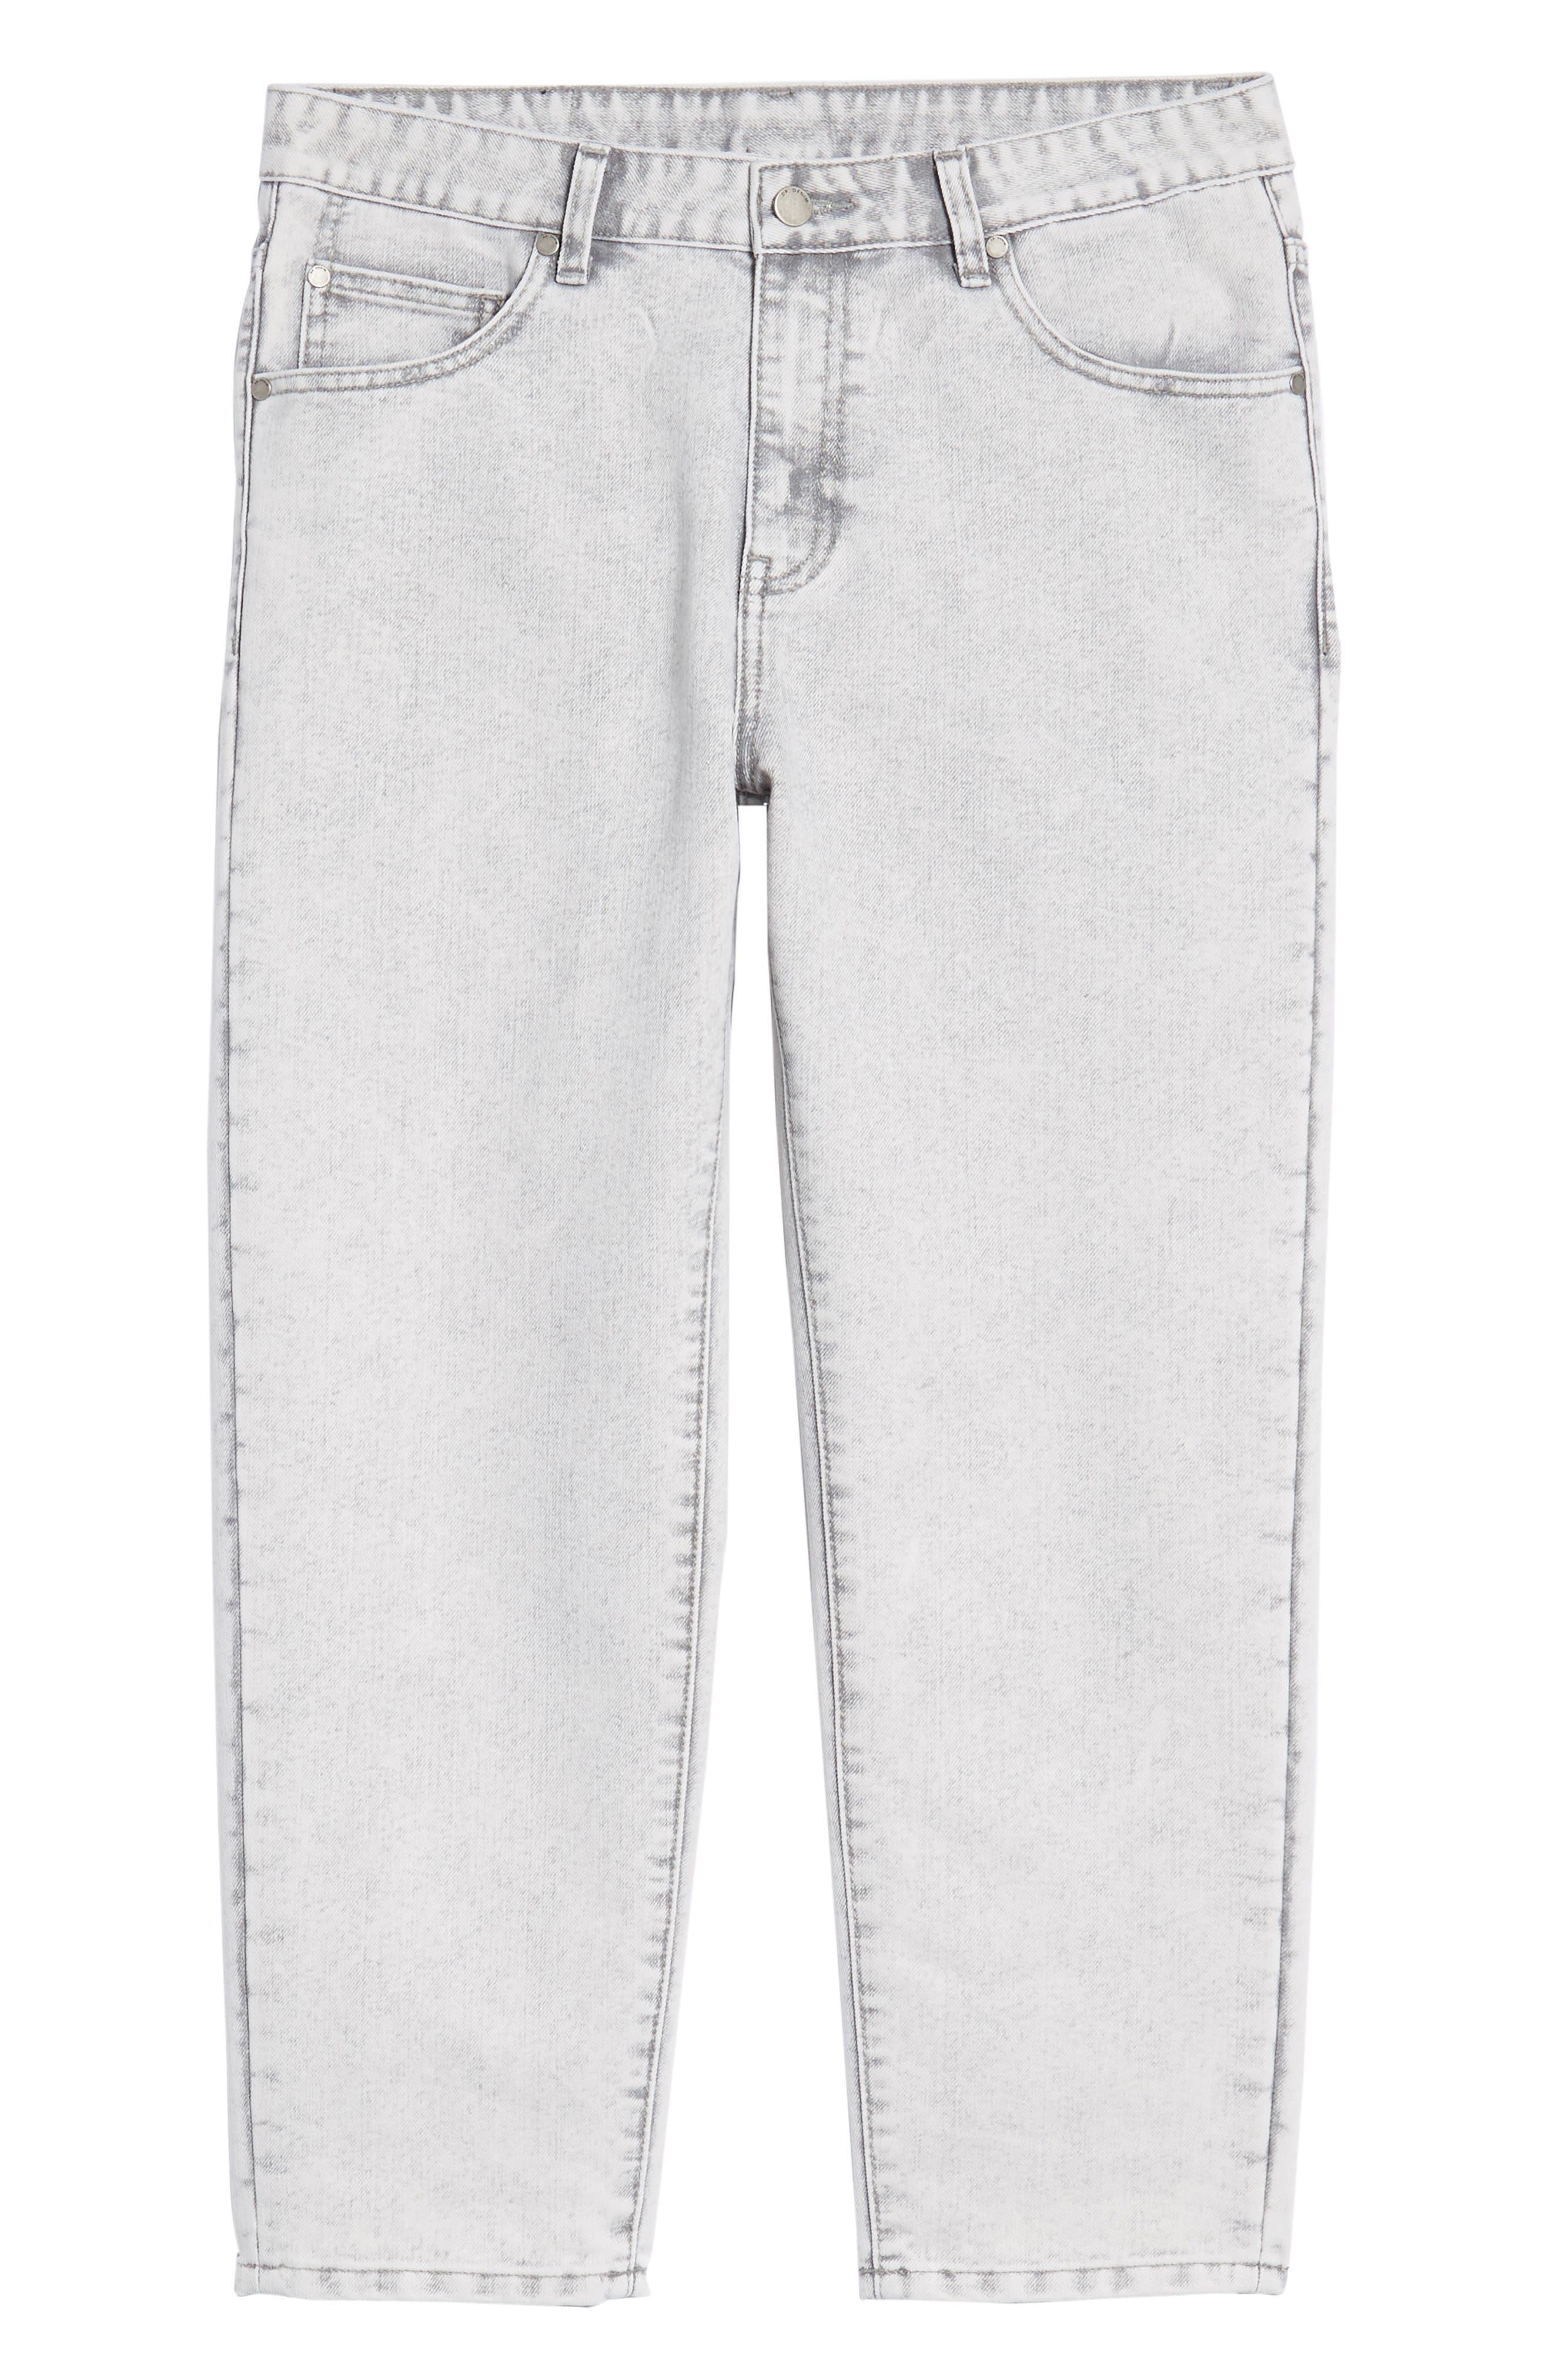 Dr. Denim Jeansmaker Otis Straight Fit Jeans,                             Alternate thumbnail 5, color,                             Dirty White